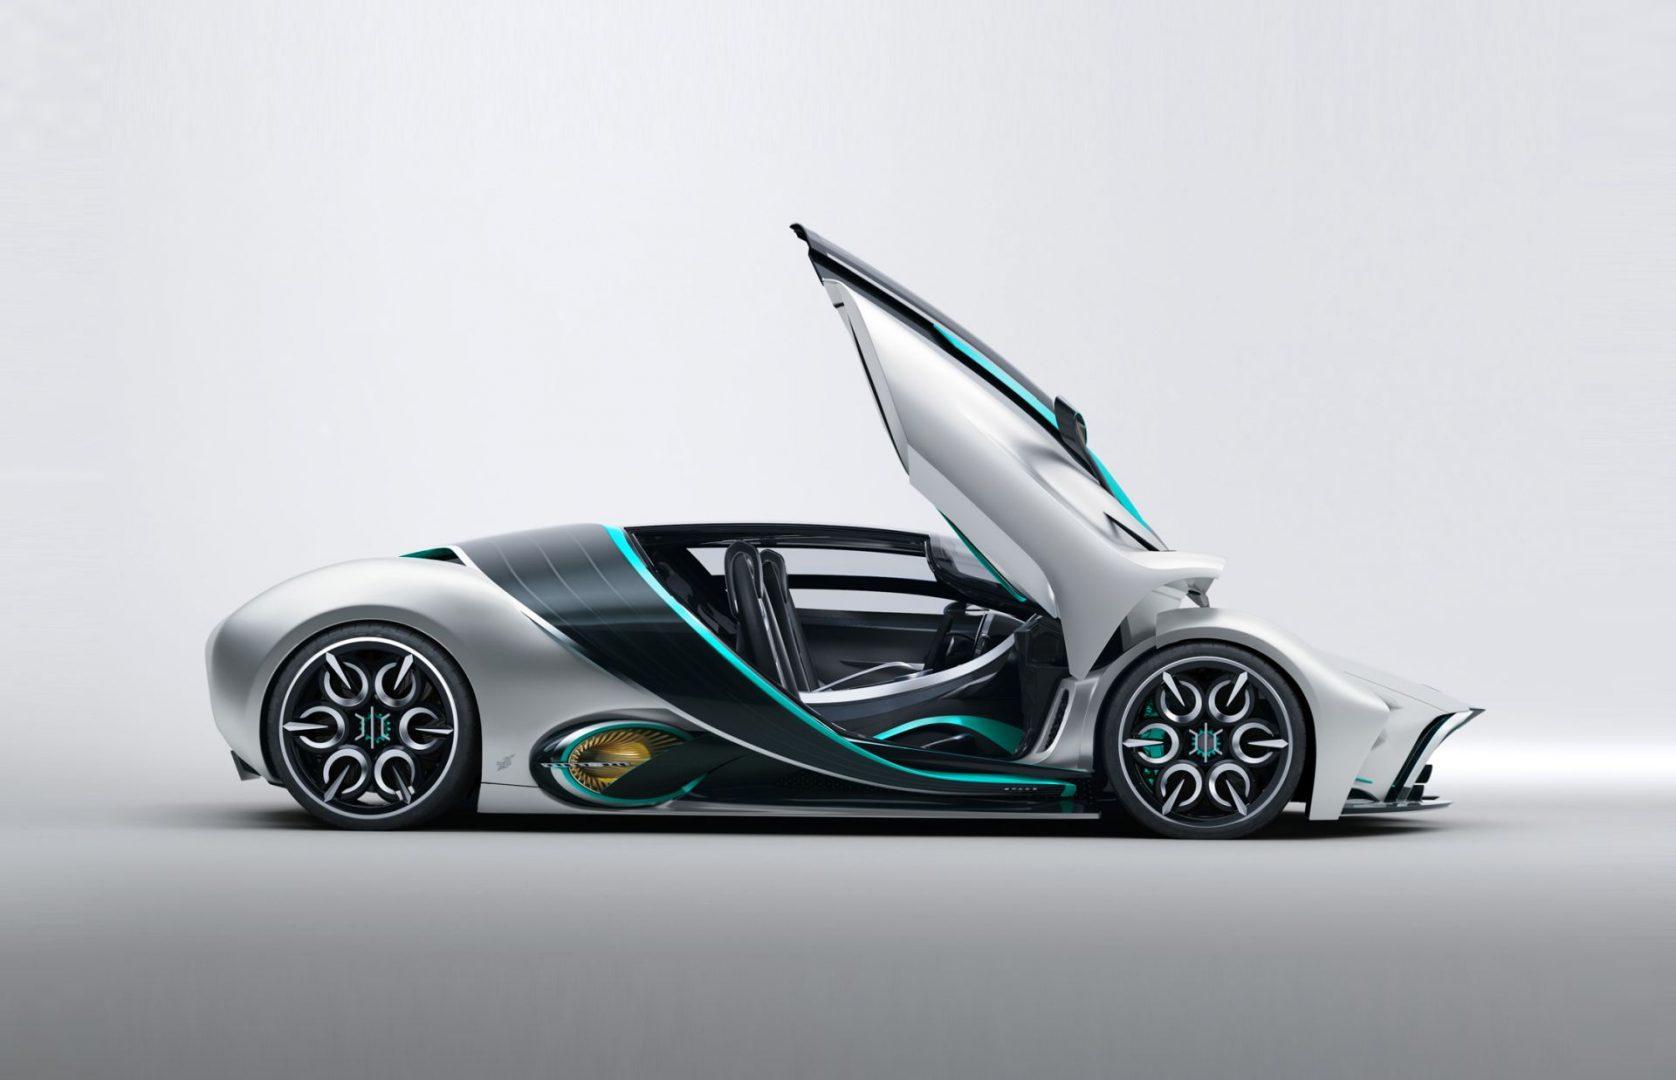 Novo carro movido a hidrogênio pode atingir mais de 350 Km/h